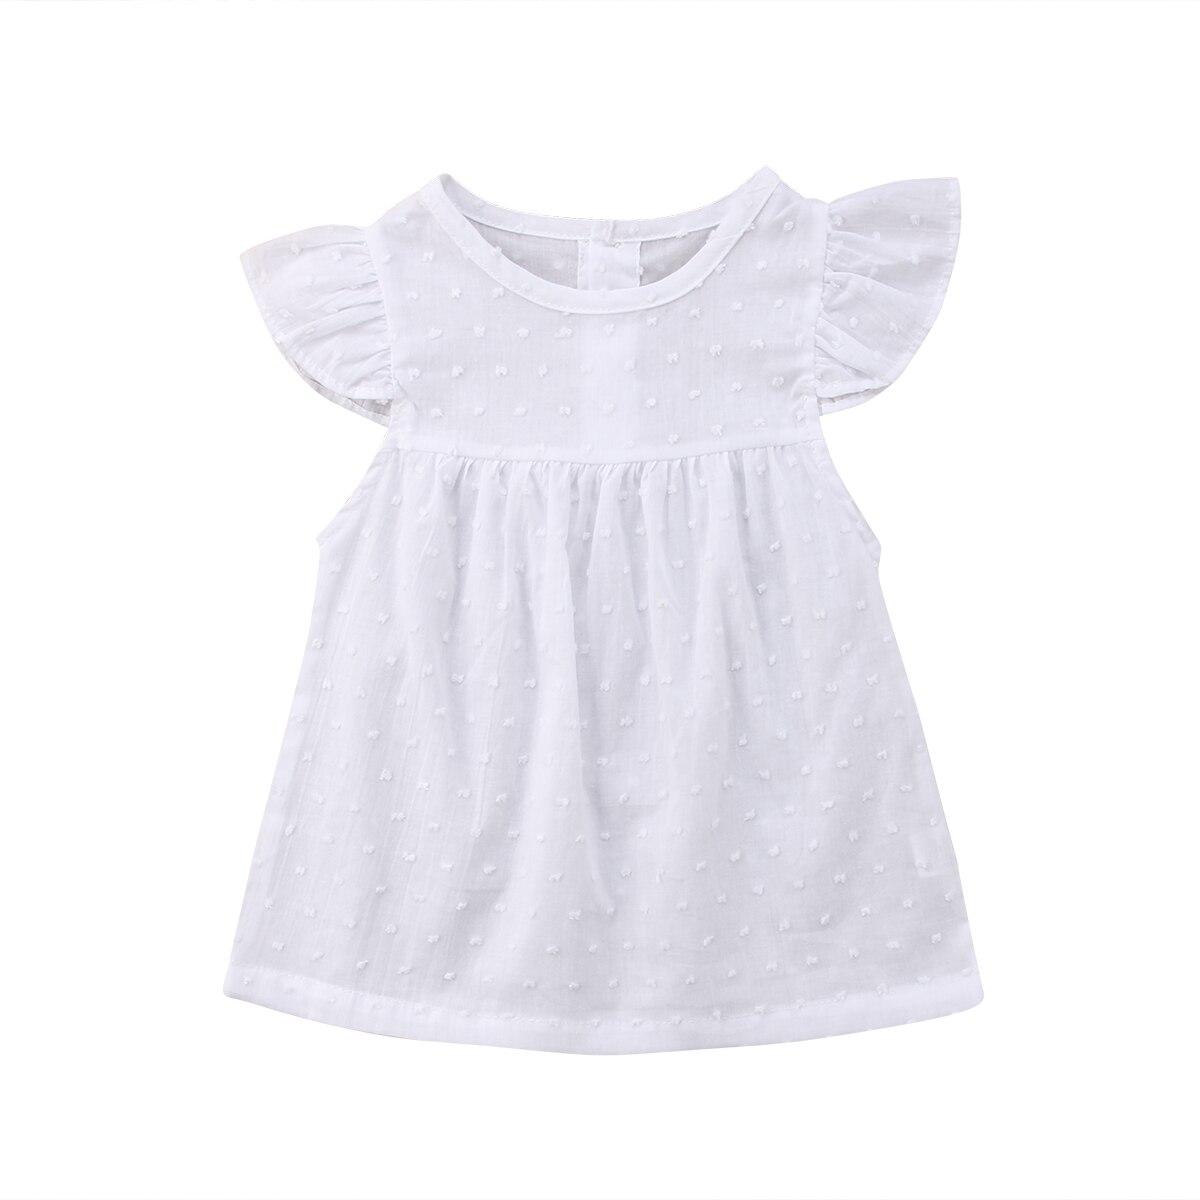 6d12473c3 Pudcoco blanco princesa Tutu vestido de bebé niñas de manga corta vestidos  de verano Praty cumpleaños